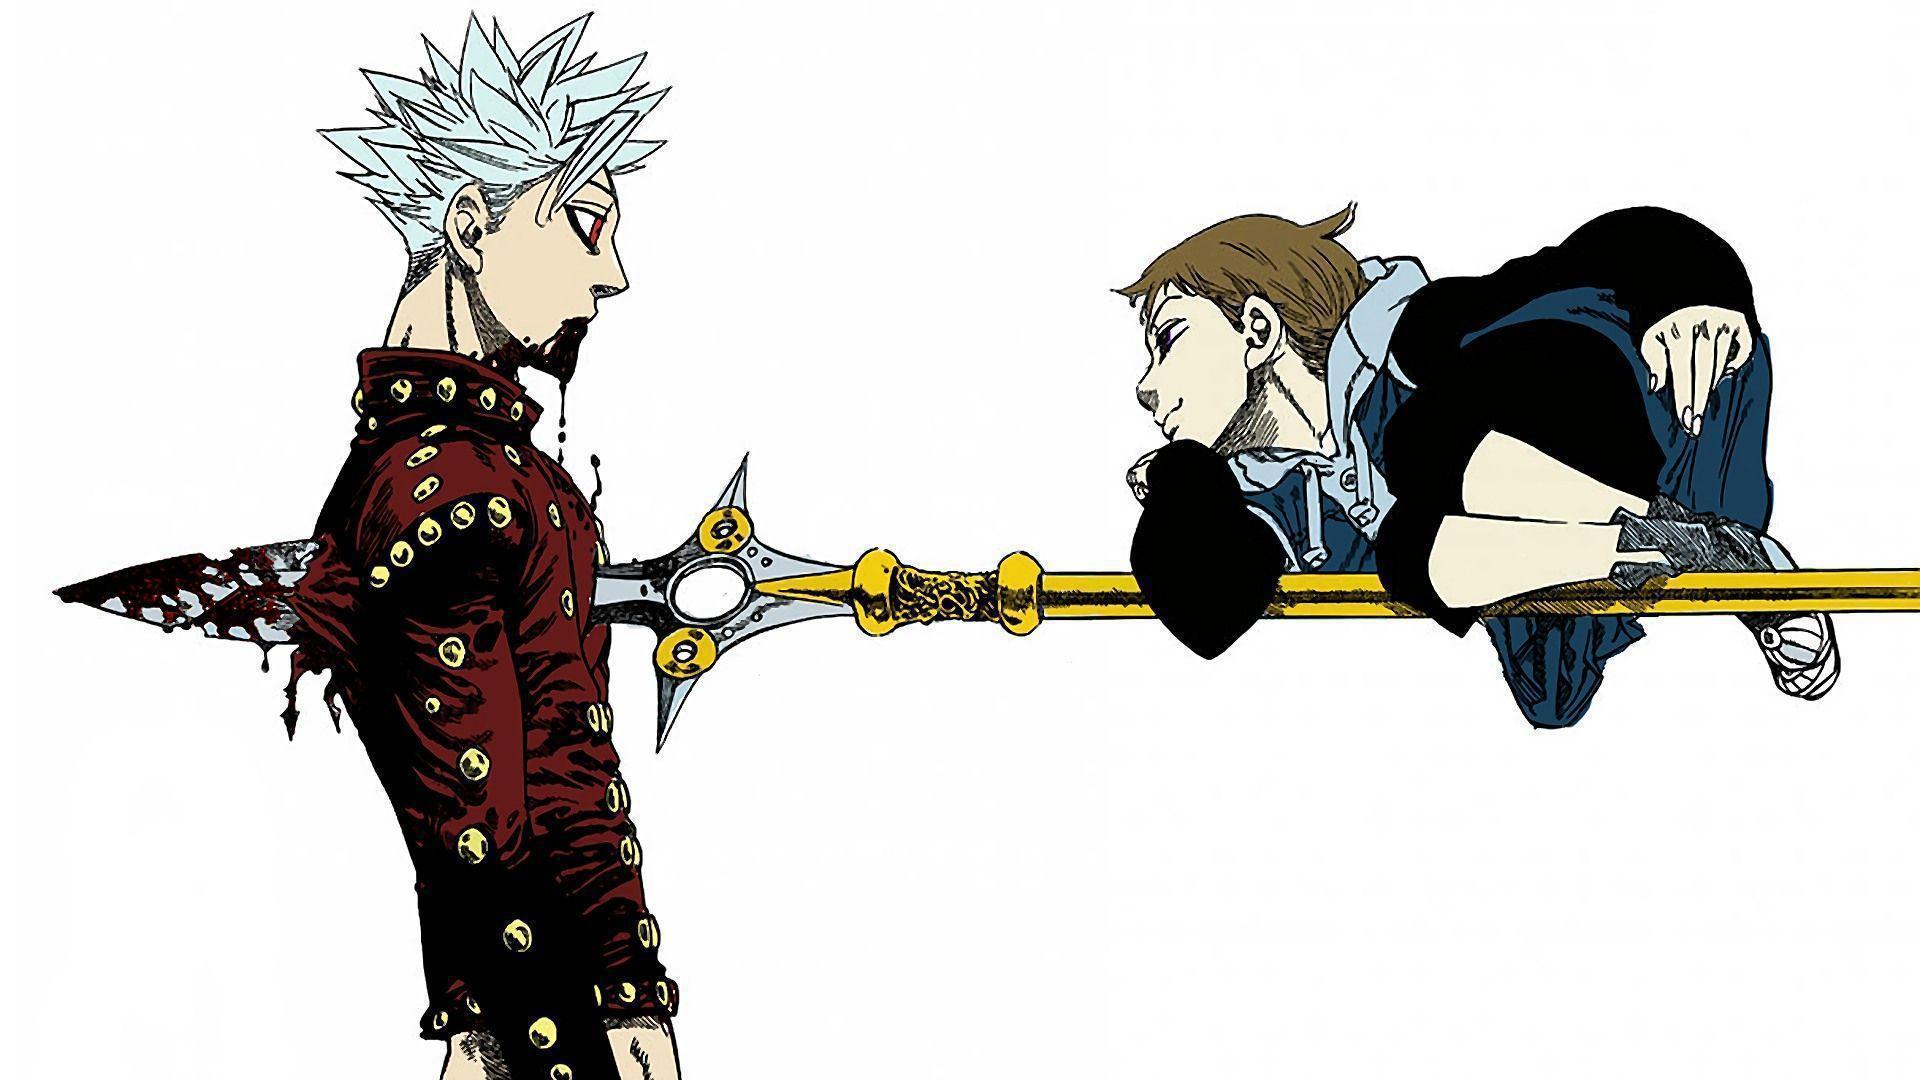 Wallpaper Of Arthur Pendragon The Seven Deadly Sins Anime